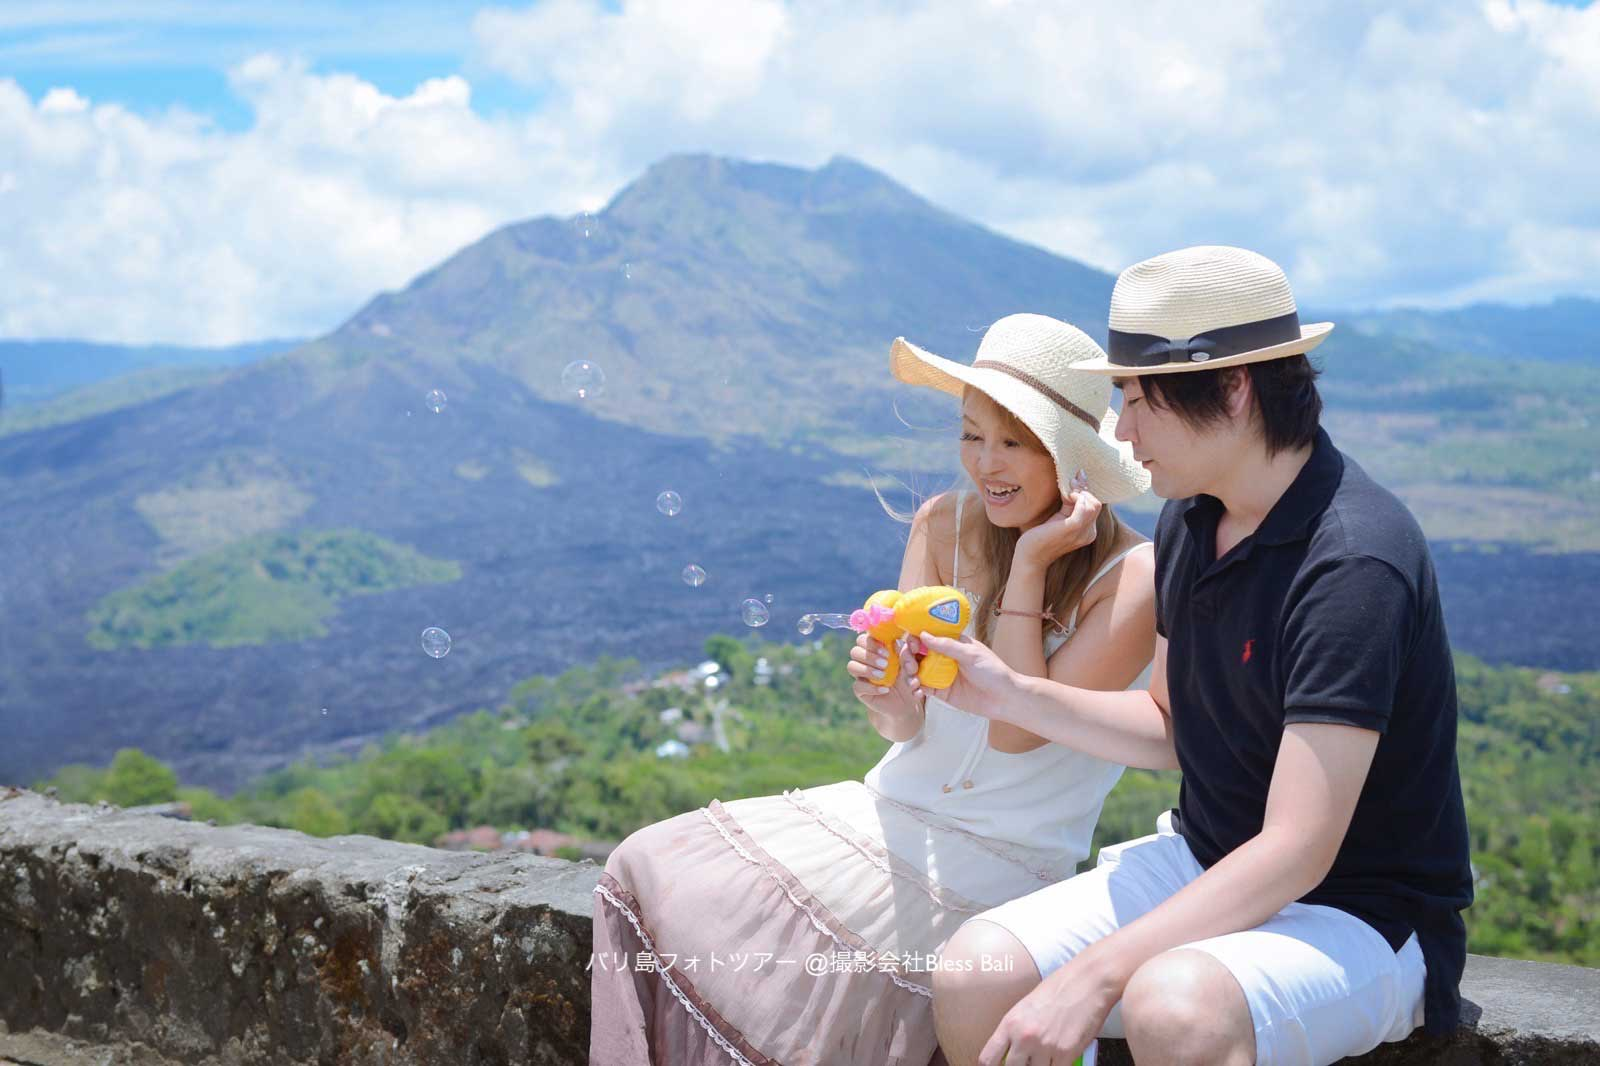 絶景のキンタマーニ高原で、お持ち込みのシャボン玉を使ってキュートに